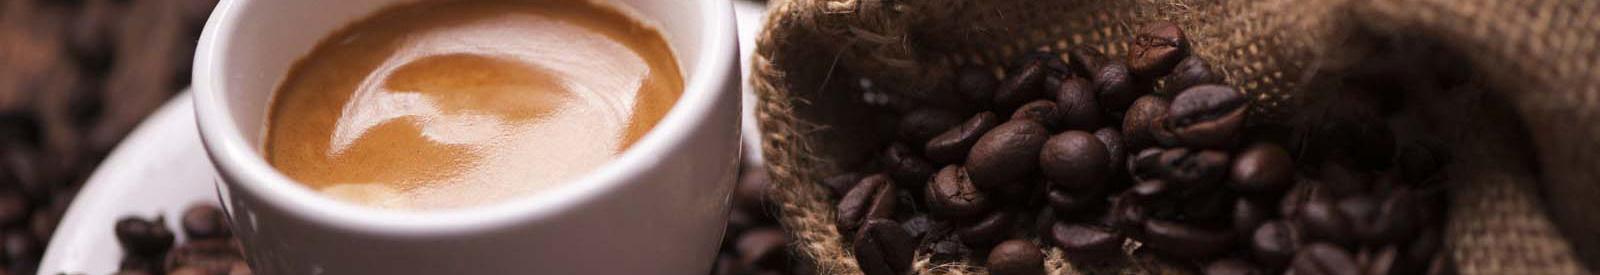 Koffie - Espresso - Ontbijt